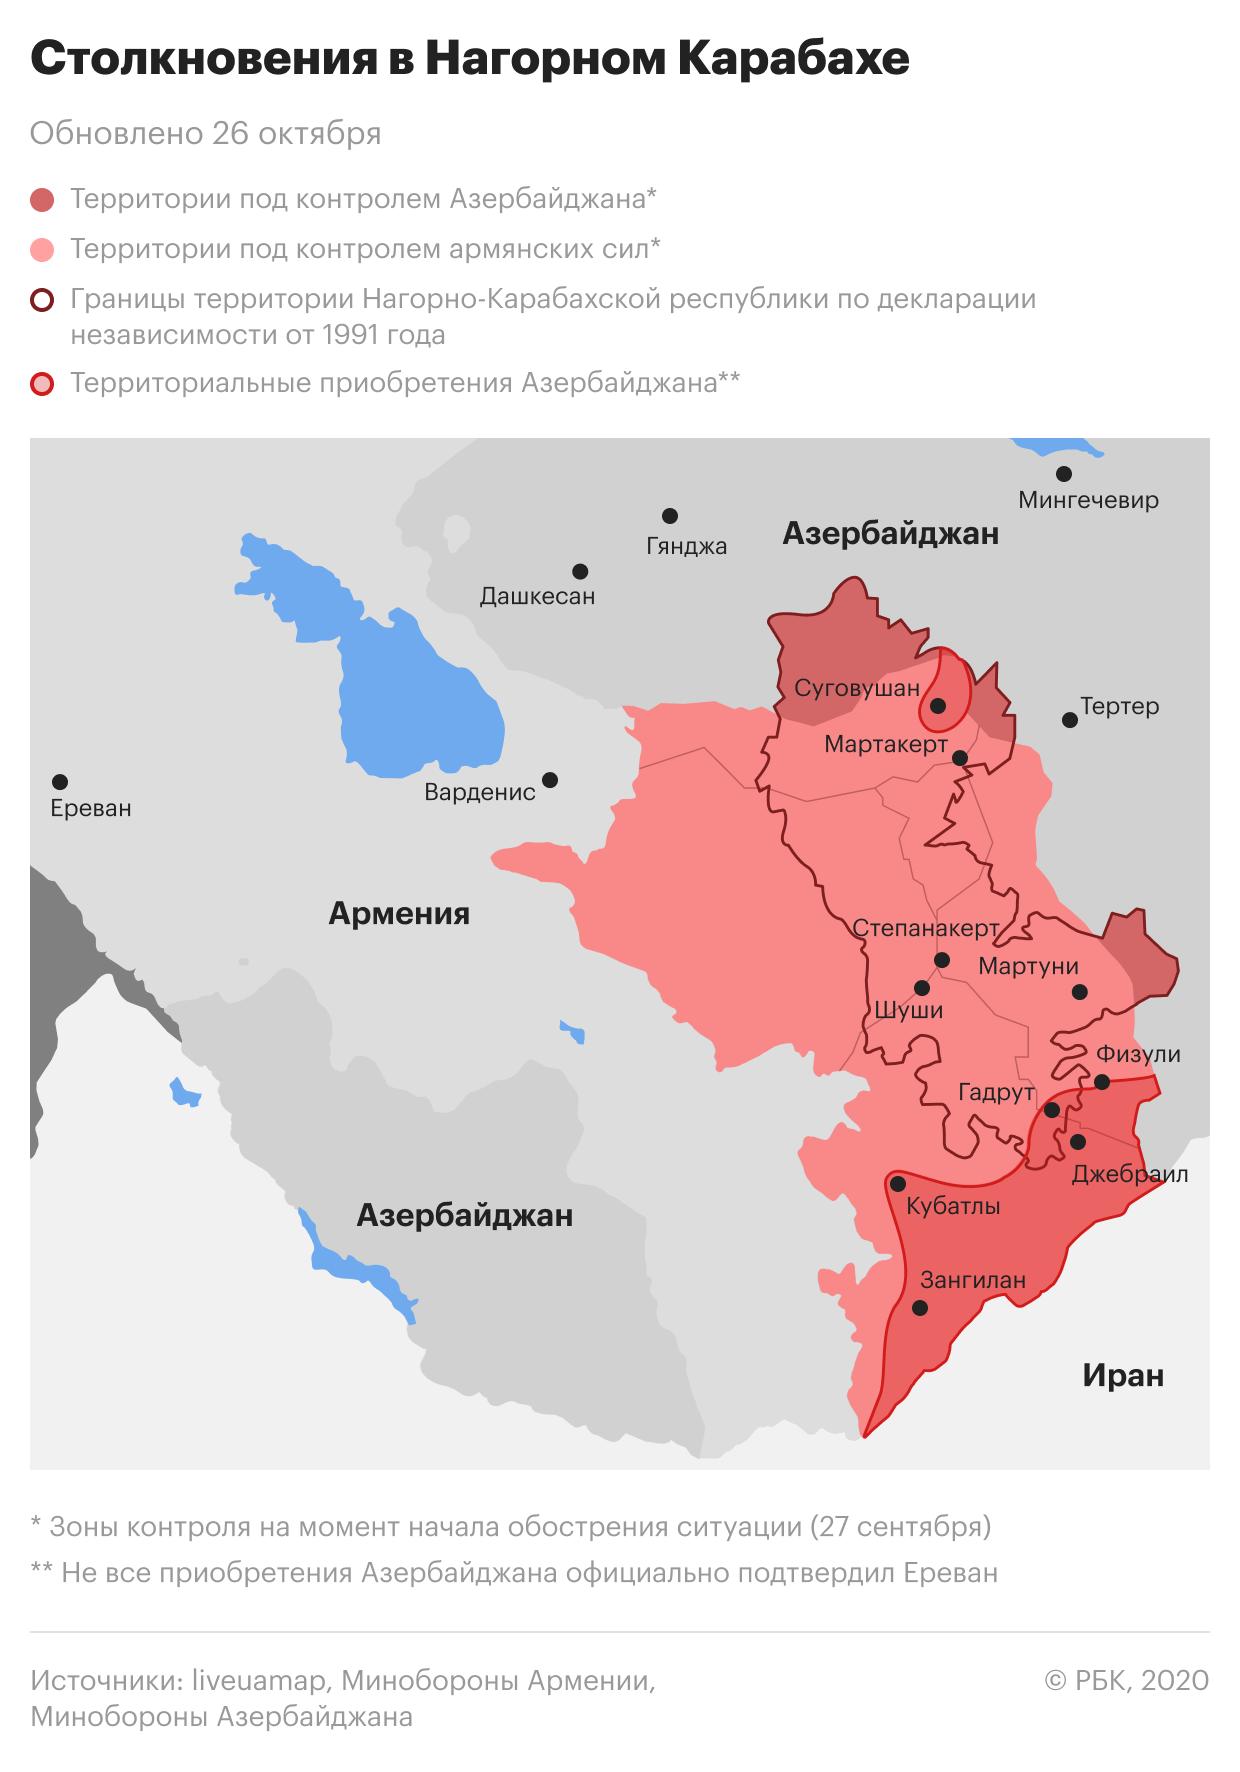 Обострение конфликта в Нагорном Карабахе. Карта на 26 октября